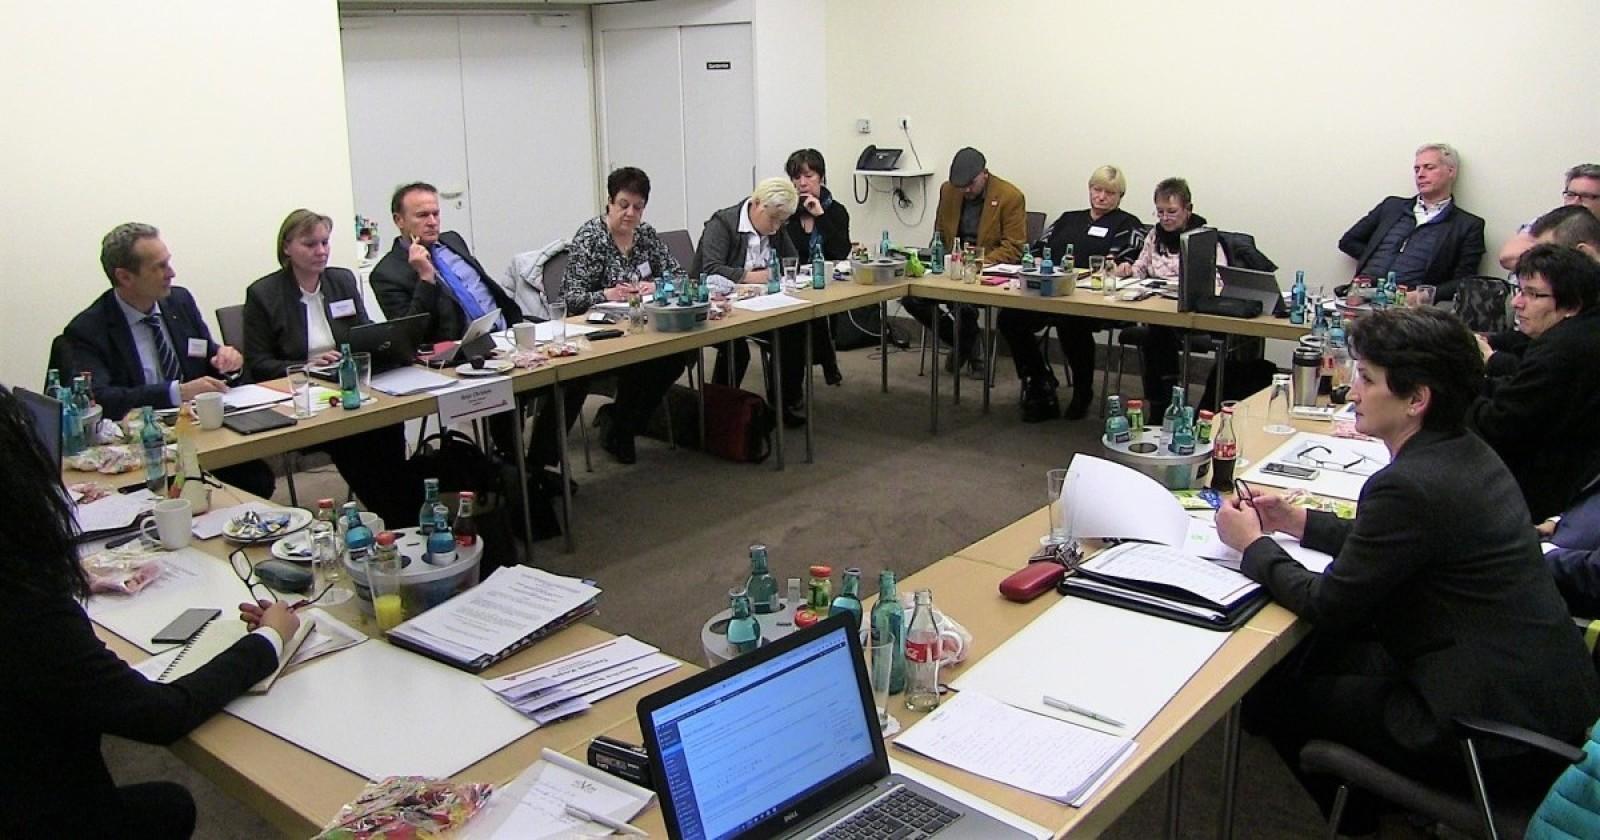 +++ Liveticker Frankfurt +++ Druck der IG BAU zeigt Wirkung +++ Arbeitgeber legen verbessertes Angebot vor+++